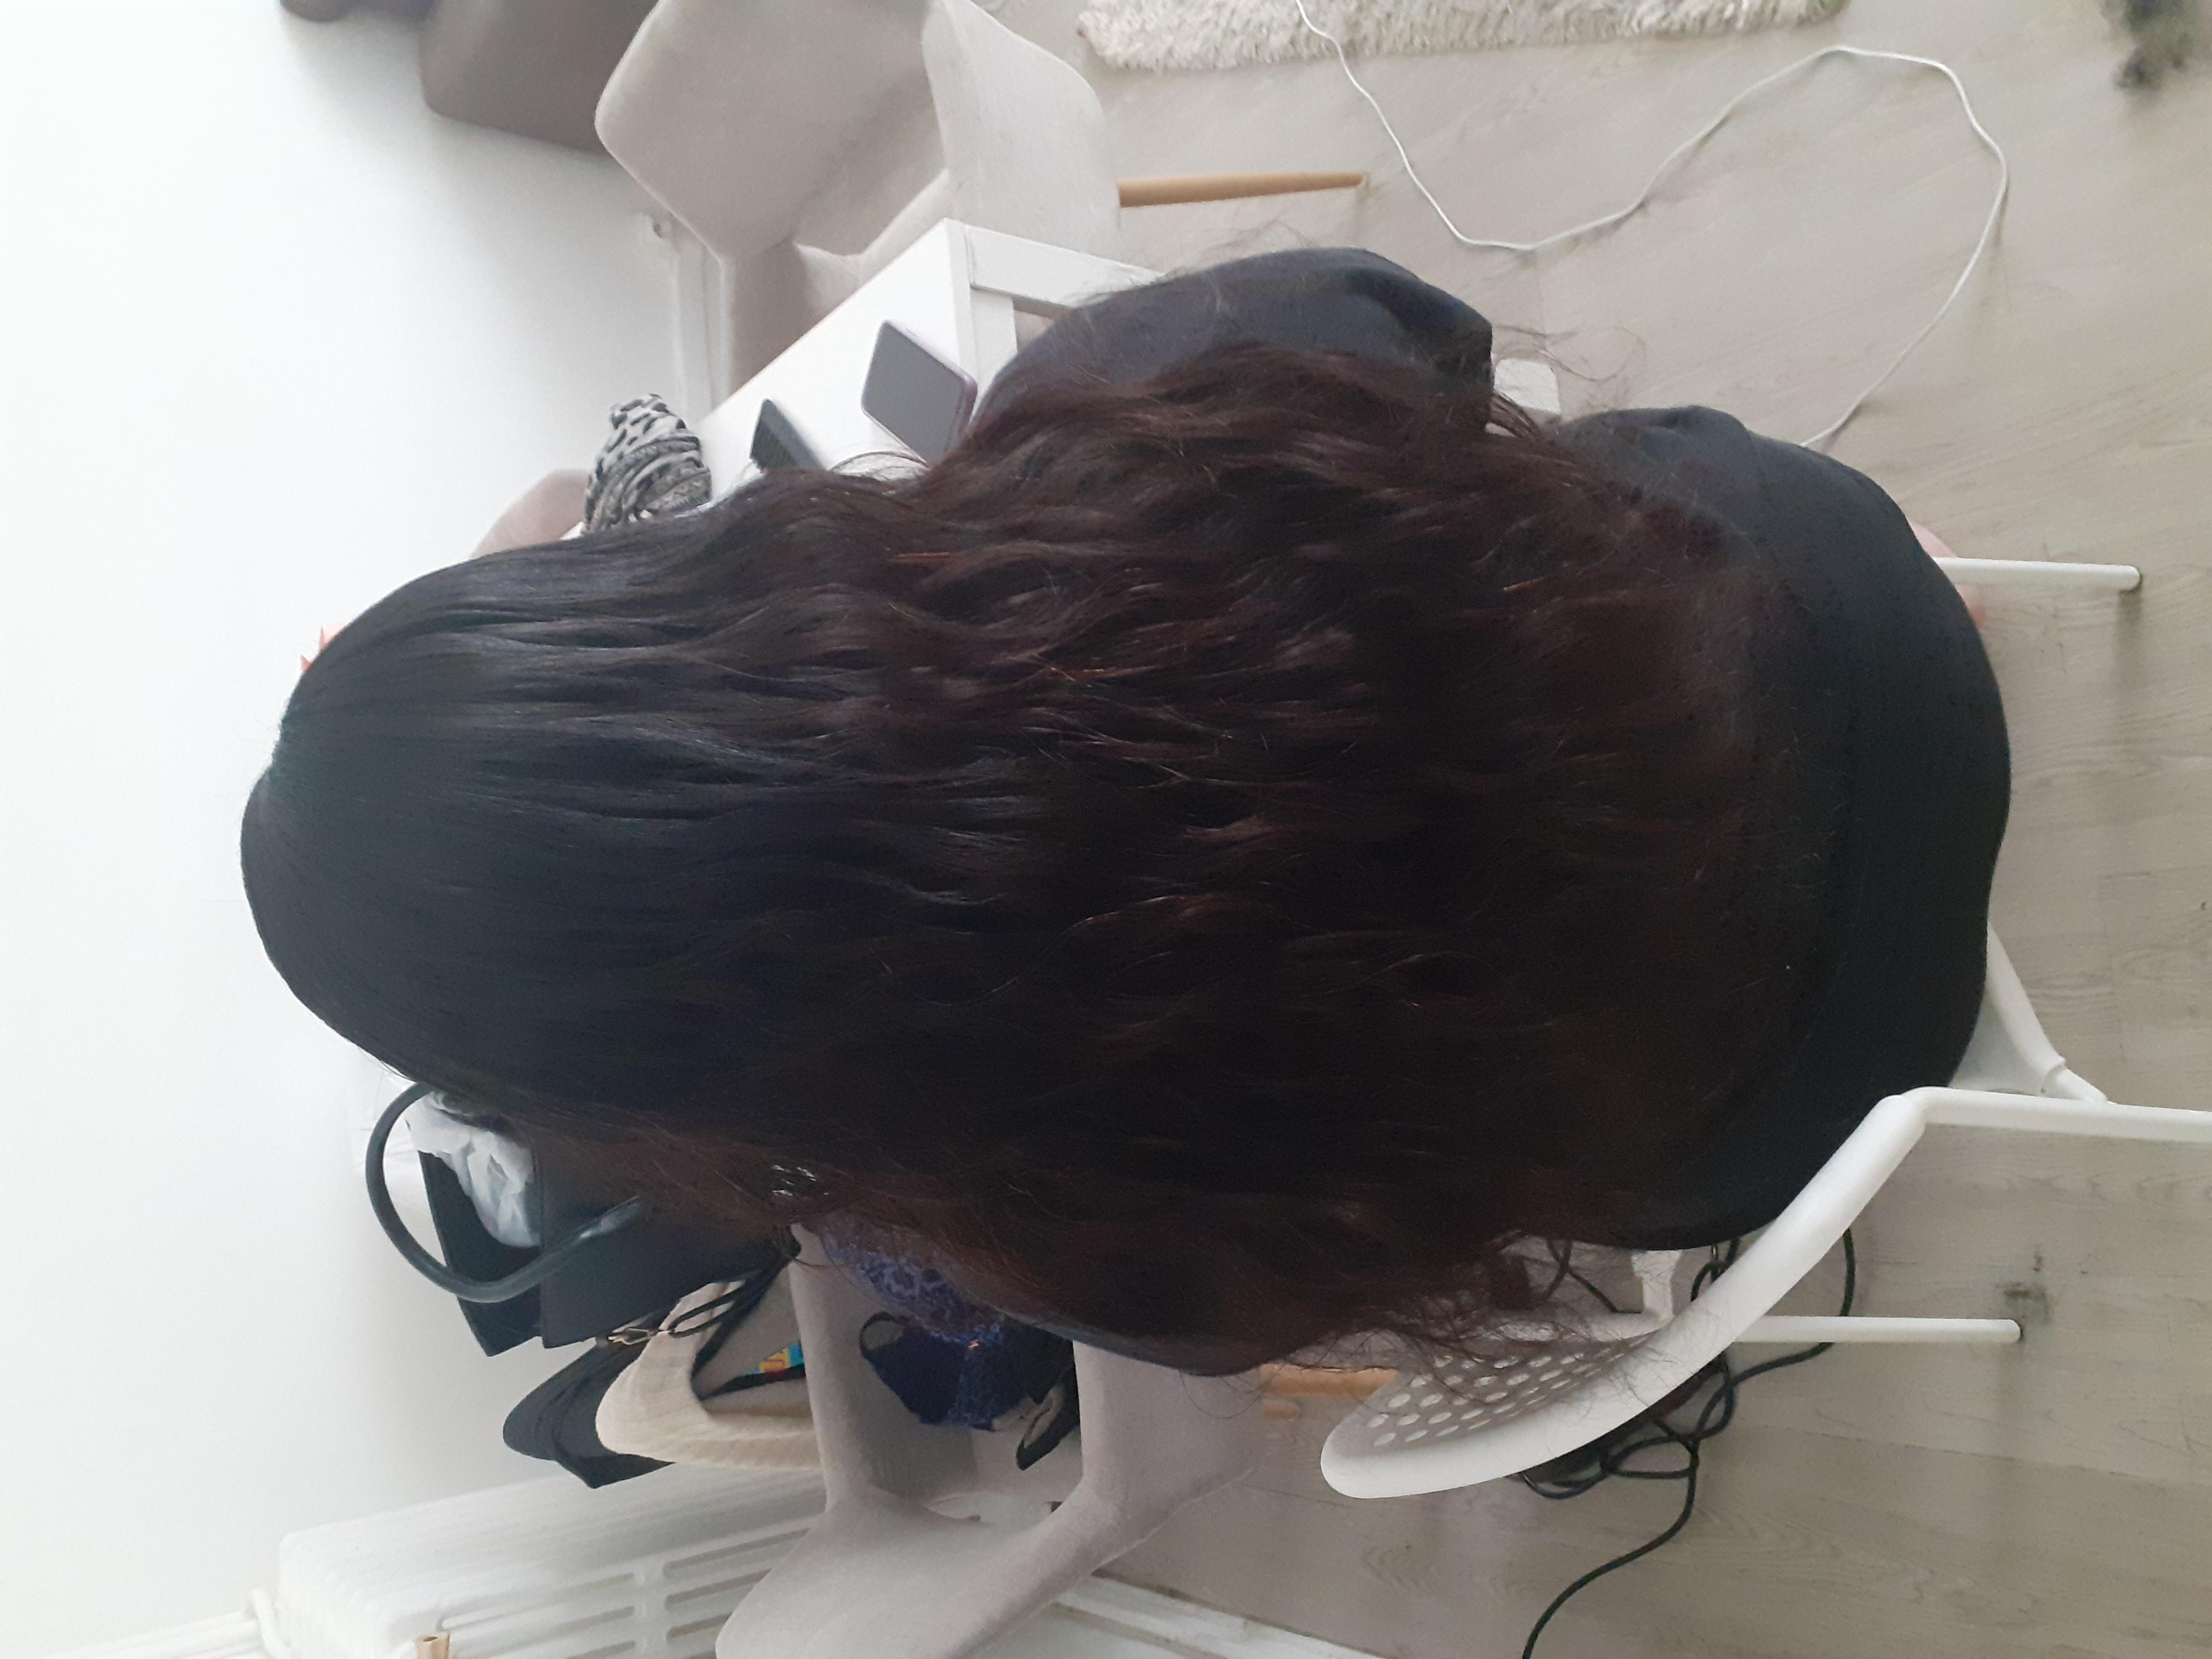 salon de coiffure afro tresse tresses box braids crochet braids vanilles tissages paris 75 77 78 91 92 93 94 95 LXHZBSFF